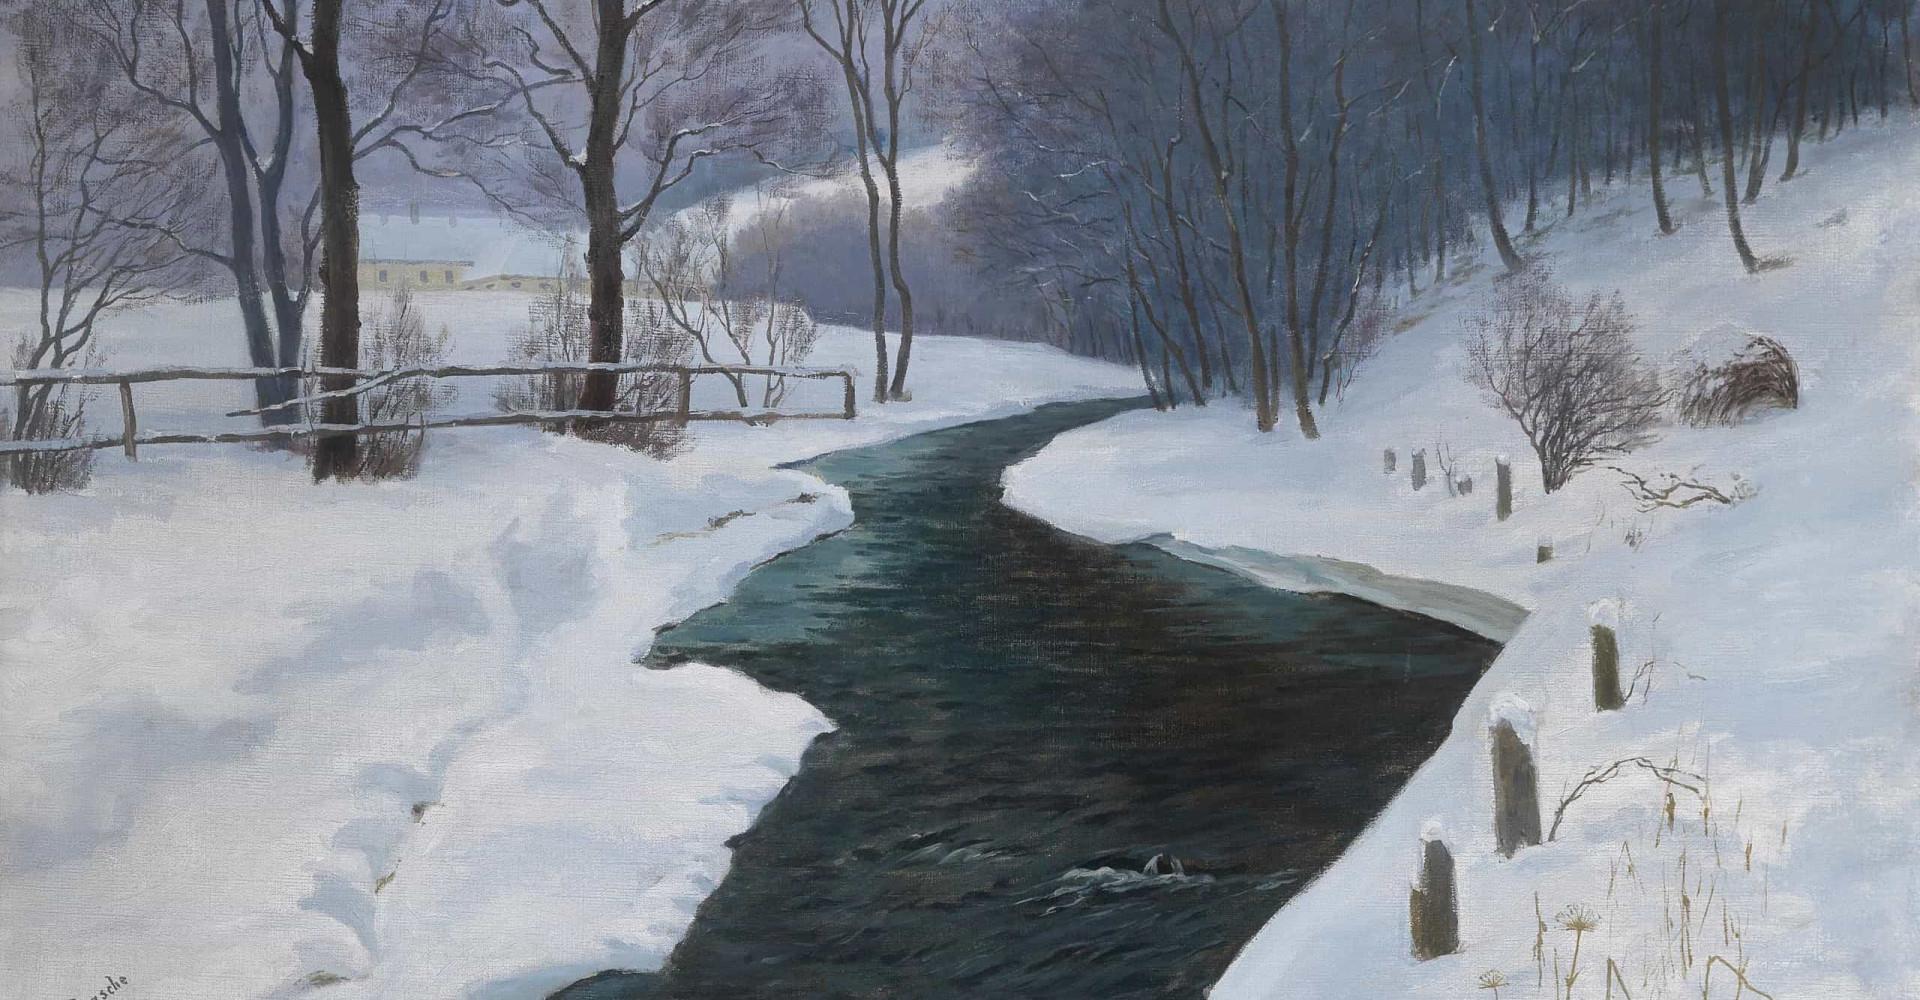 Vidunderlige malerier af vinterlandskaber